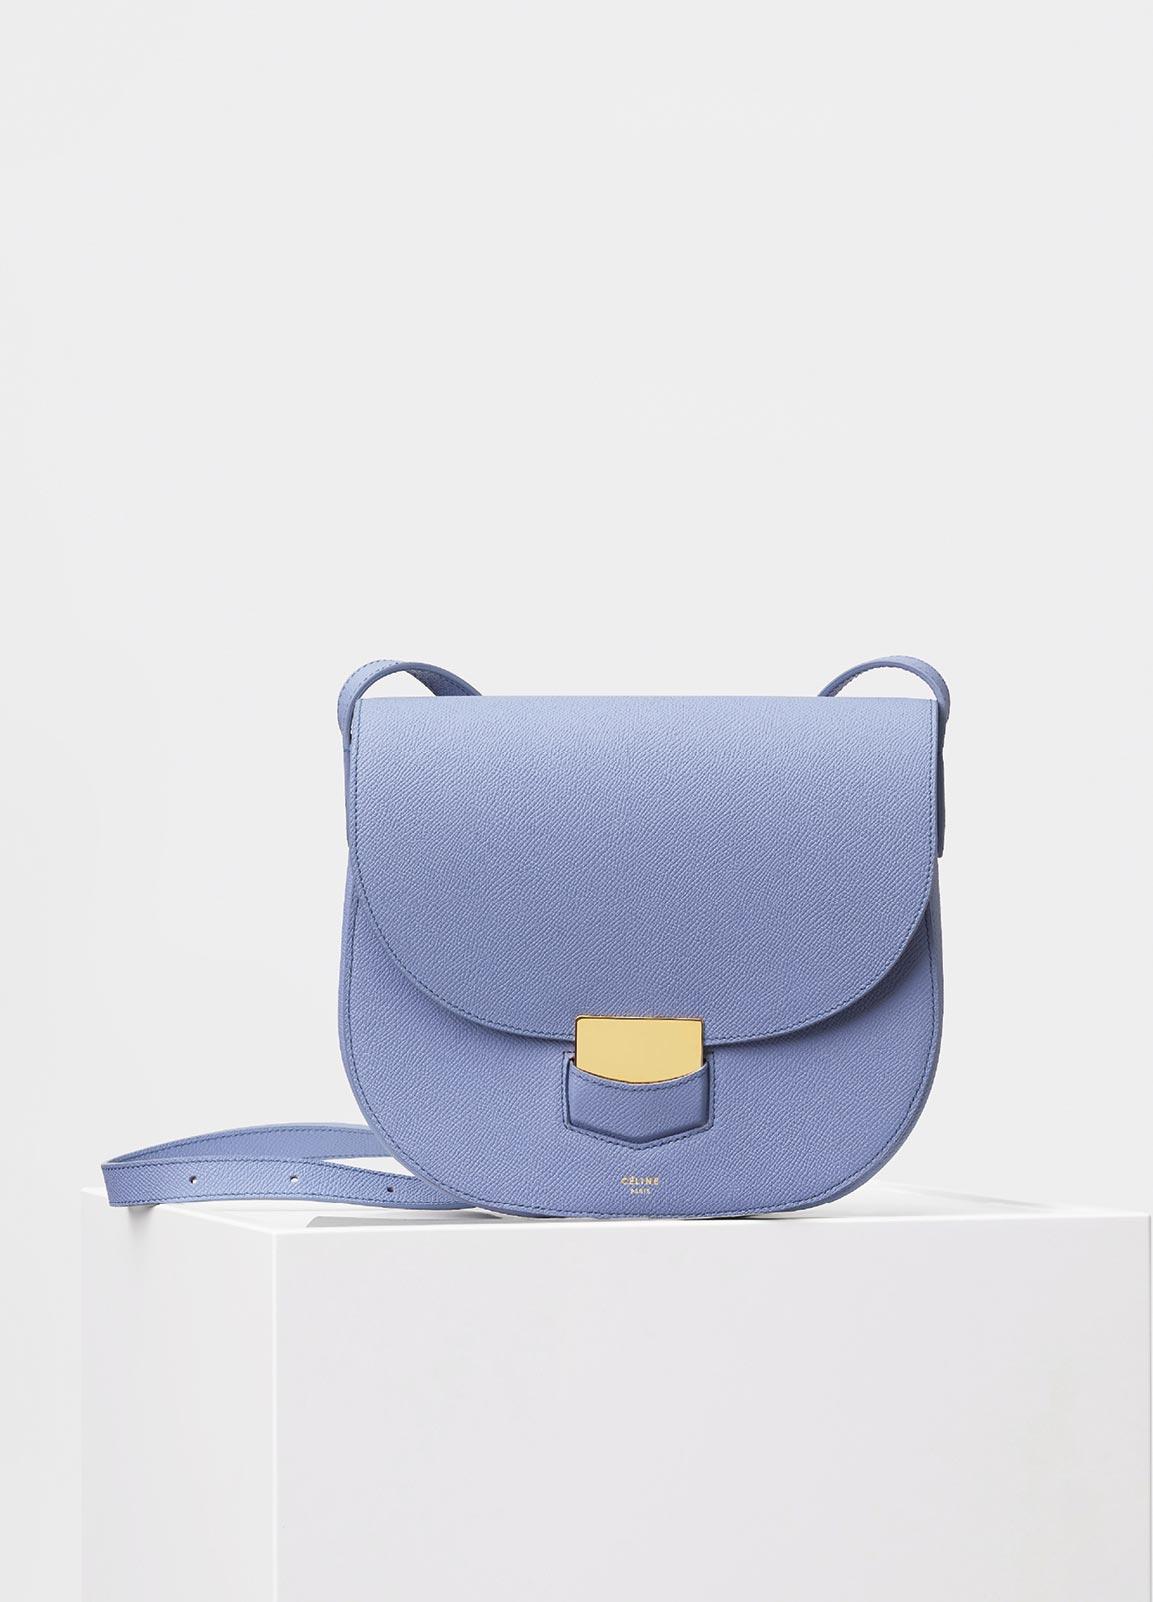 9d029c9e68 Celine Porcelain Grained Calfskin Compact Trotteur Bag